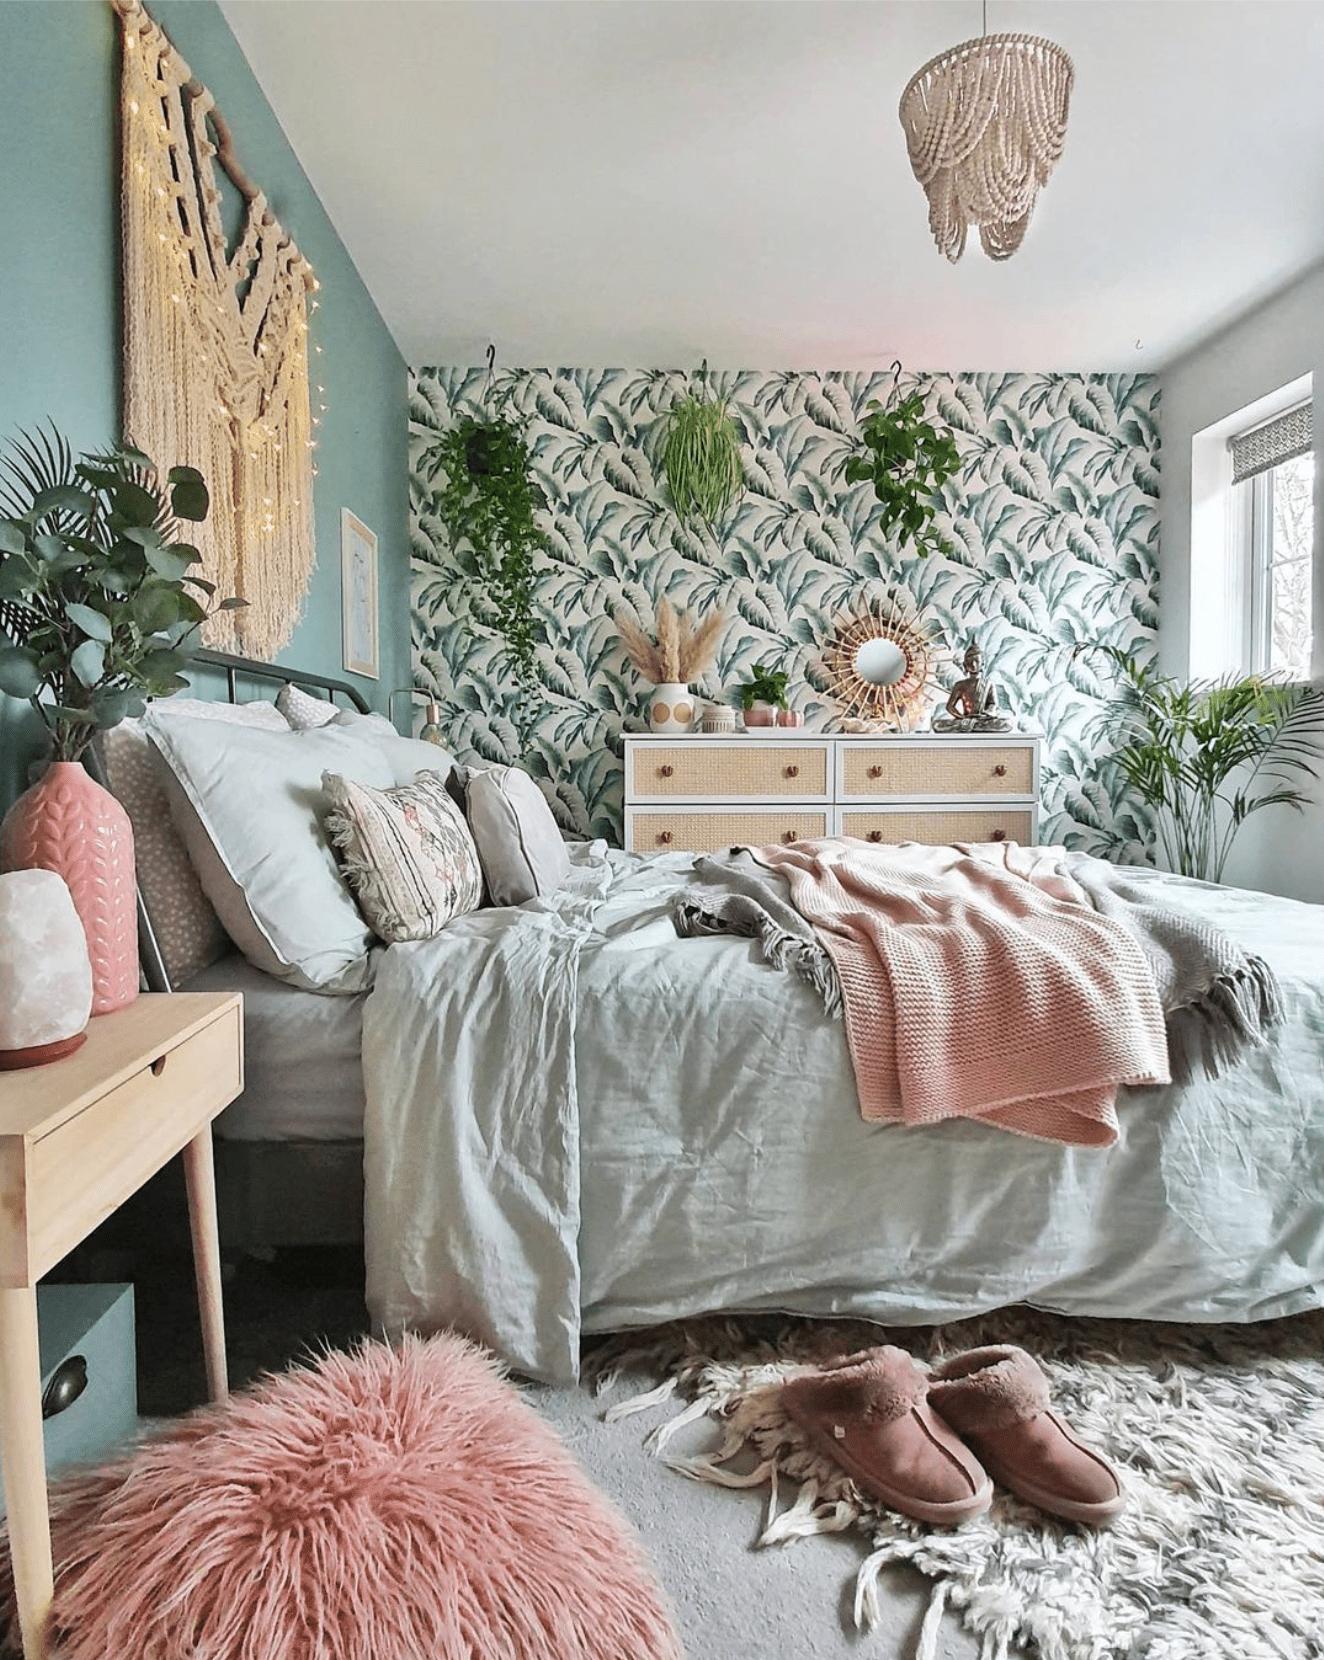 12 Best IKEA Bedrooms That Look Chic